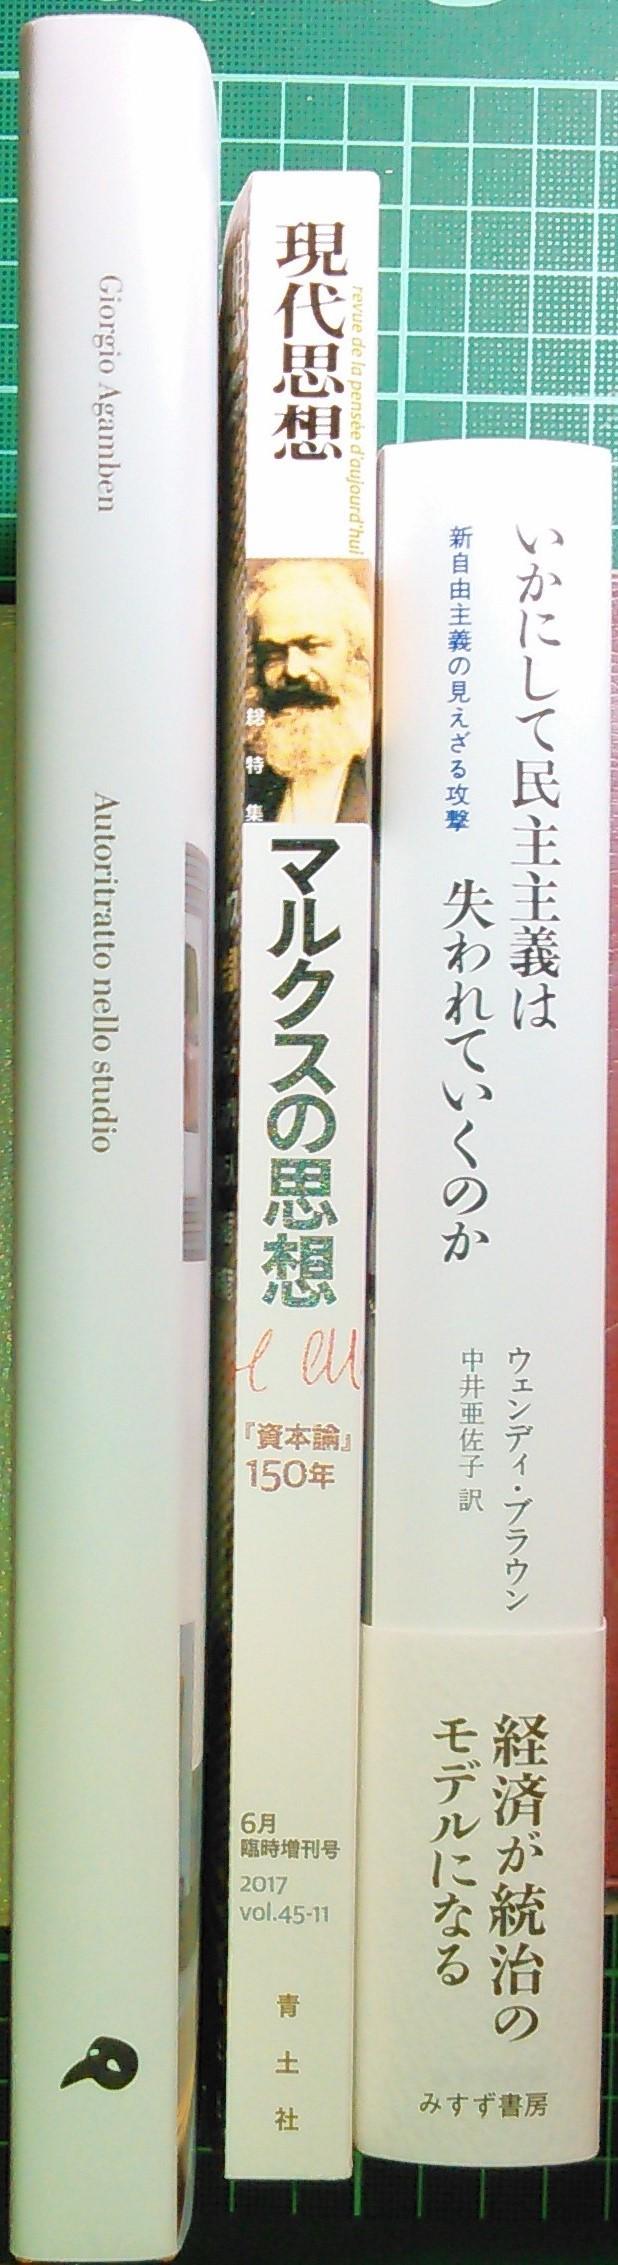 注目新刊:W・ブラウン、G・アガンベン、『現代思想』資本論特集号_a0018105_17055829.jpg